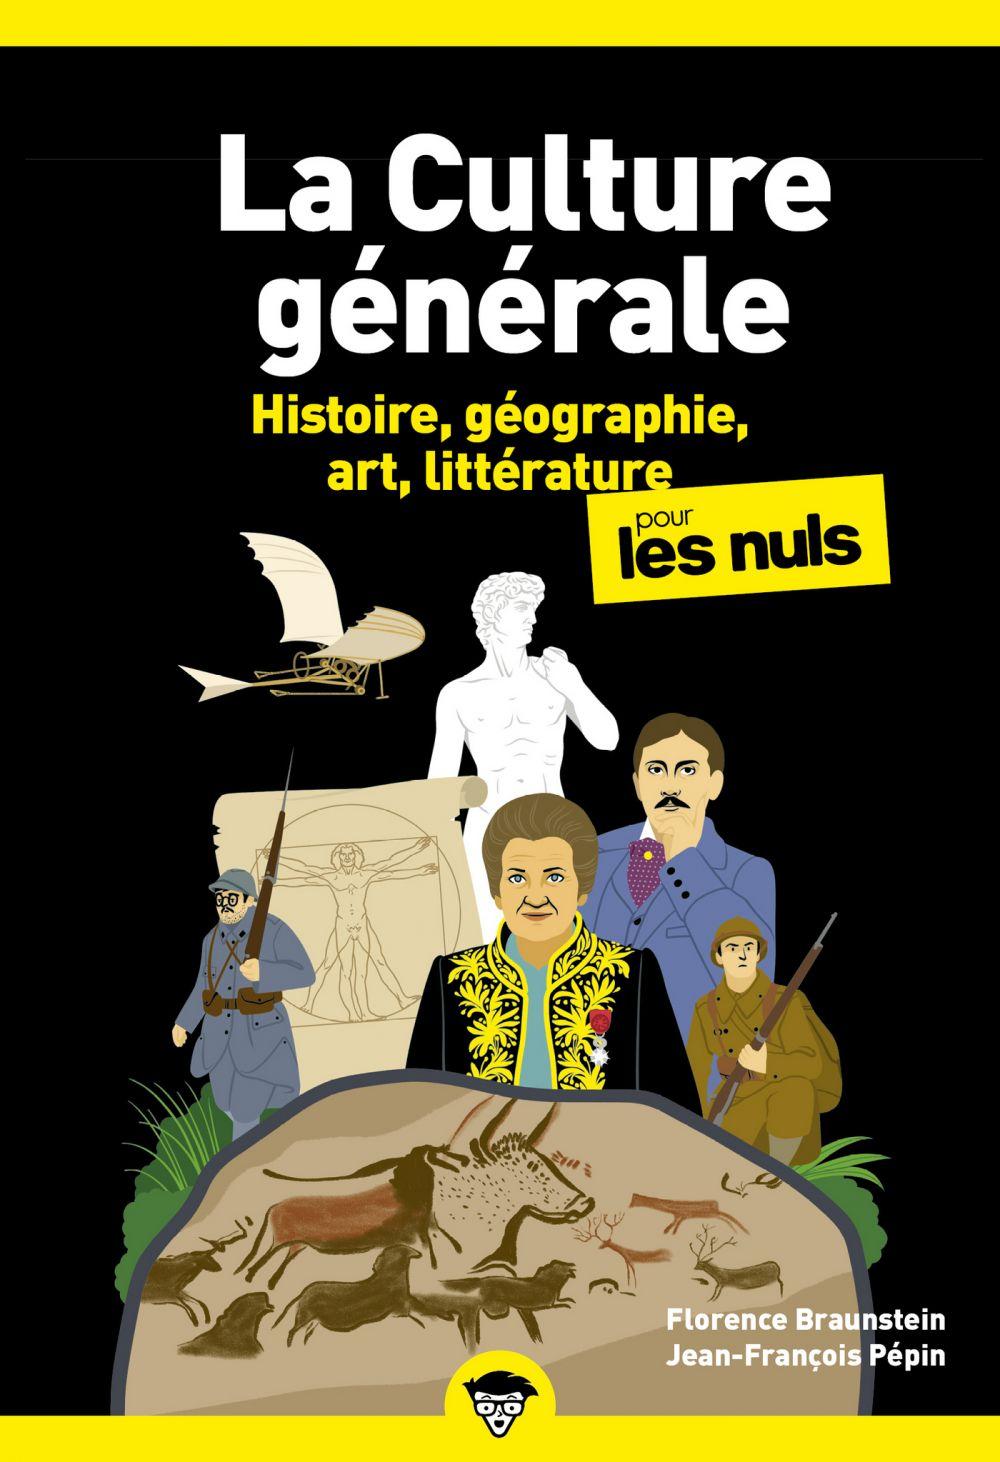 La Culture générale pour les Nuls - Histoire, géographie, art, littérature - Tome 1, poche, 2e éd | BRAUNSTEIN, Florence. Auteur